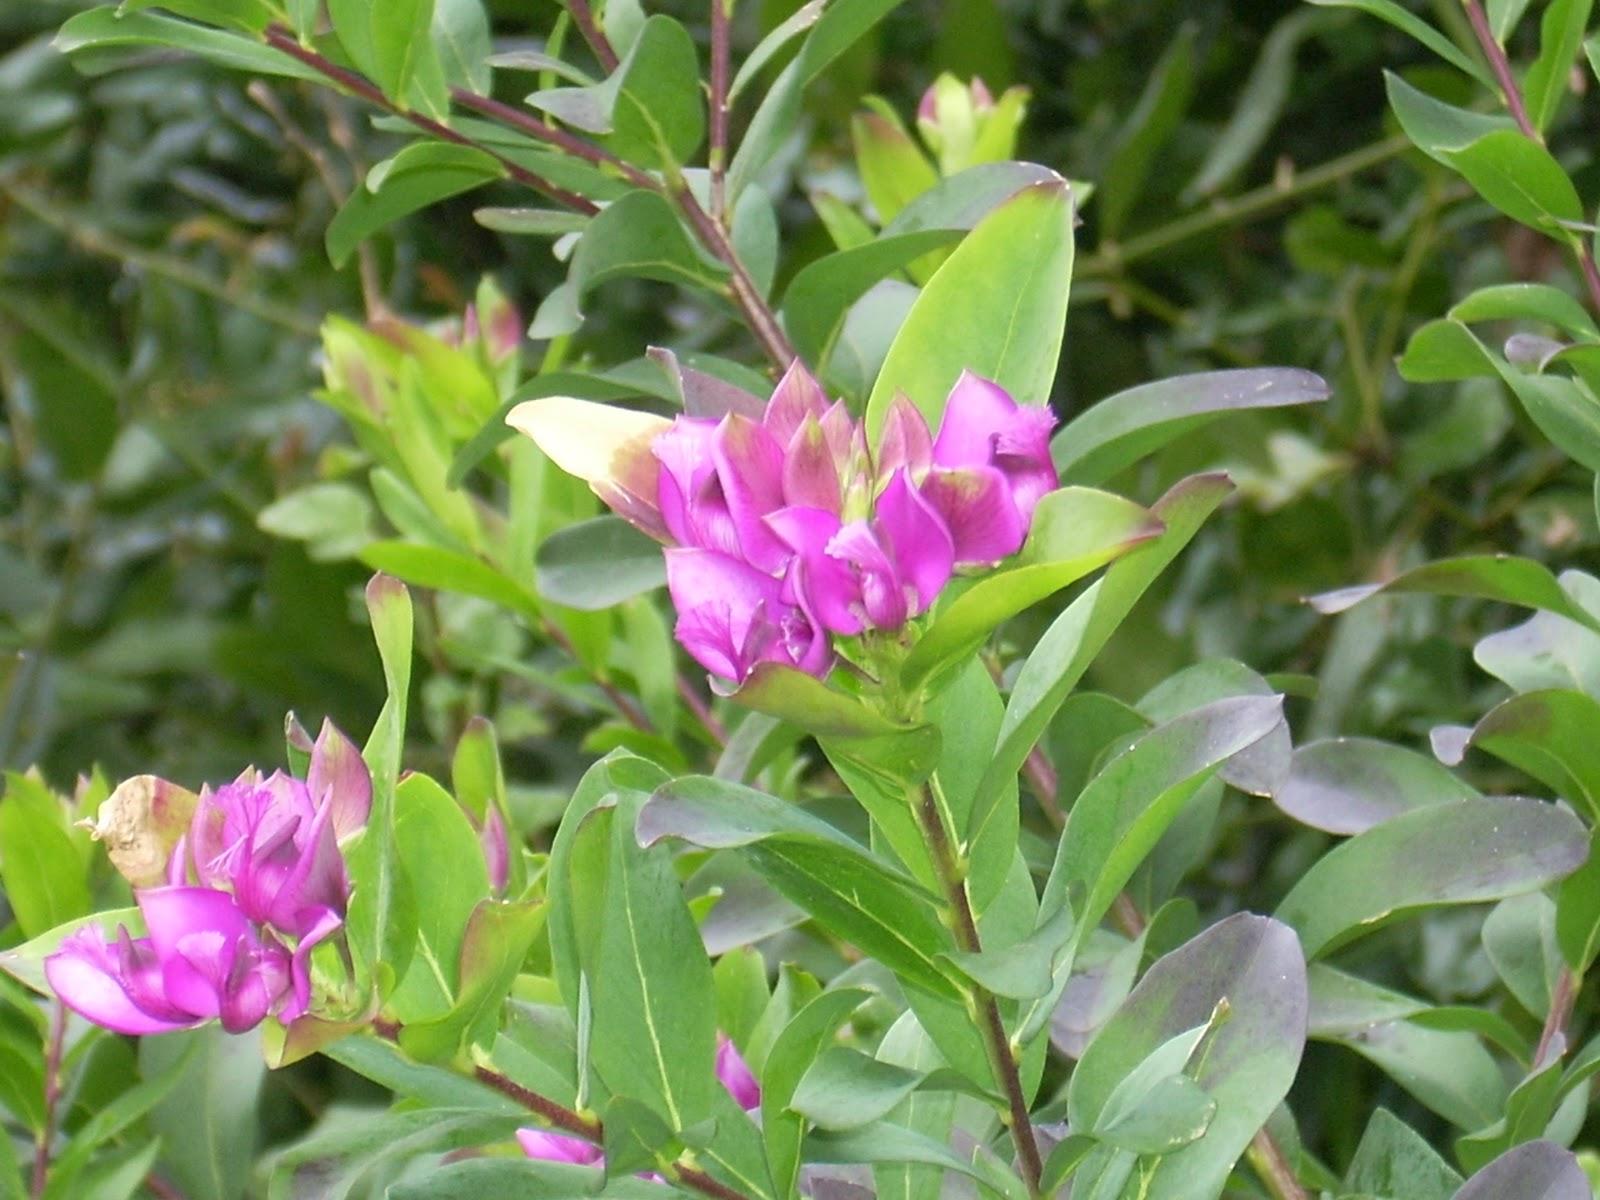 arbustes fleuris pratiquement toute l 39 ann e les jardins botaniques de la boirie. Black Bedroom Furniture Sets. Home Design Ideas